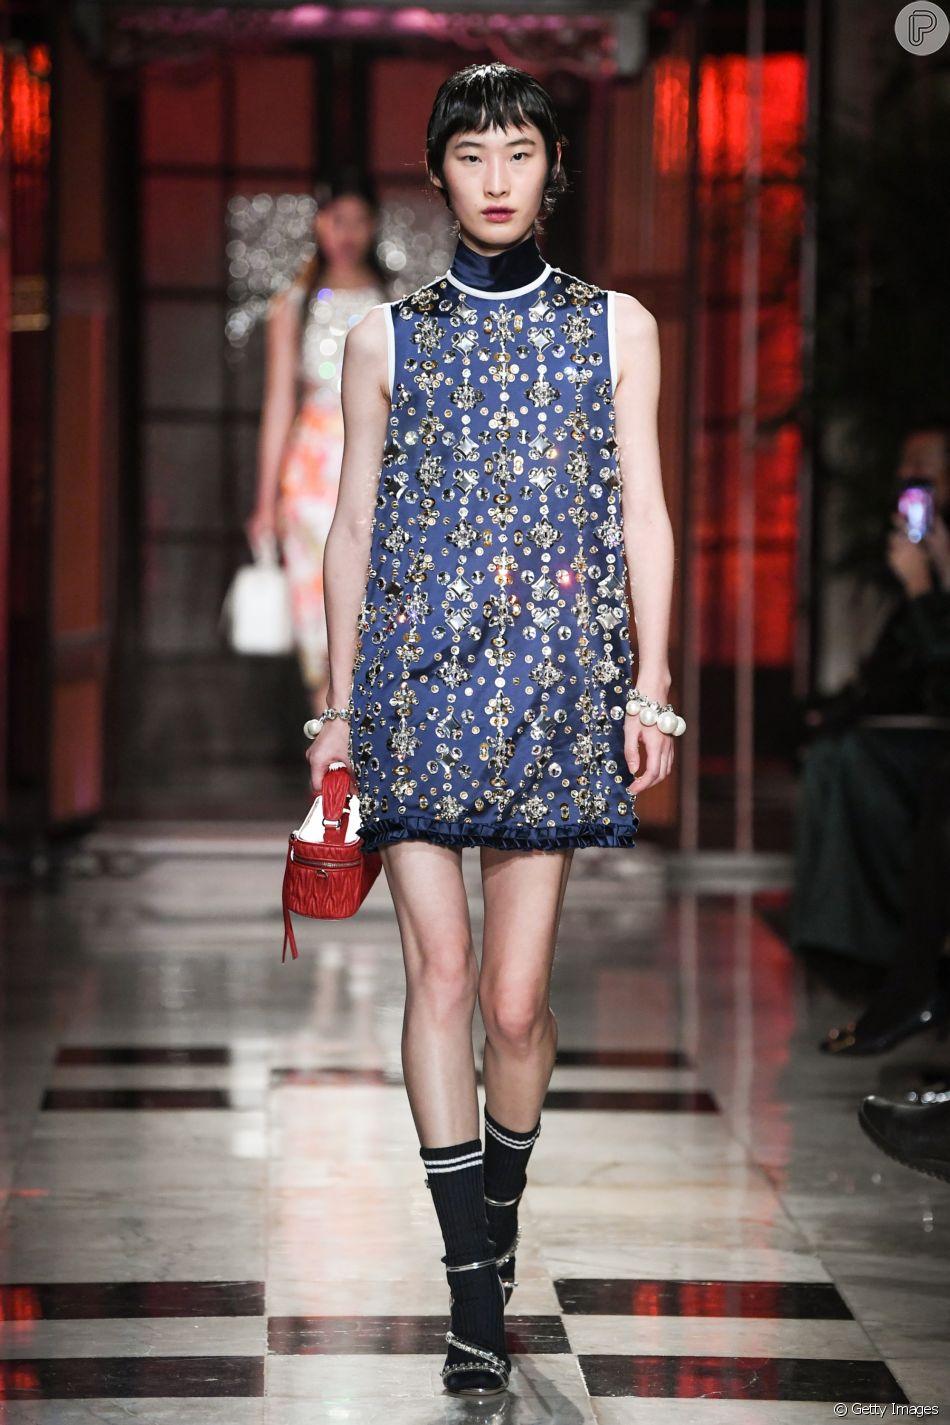 d1f70c188 Vestidos curtos em estilo anos 60 estão de volta à moda. Look bordado da Miu  Miu